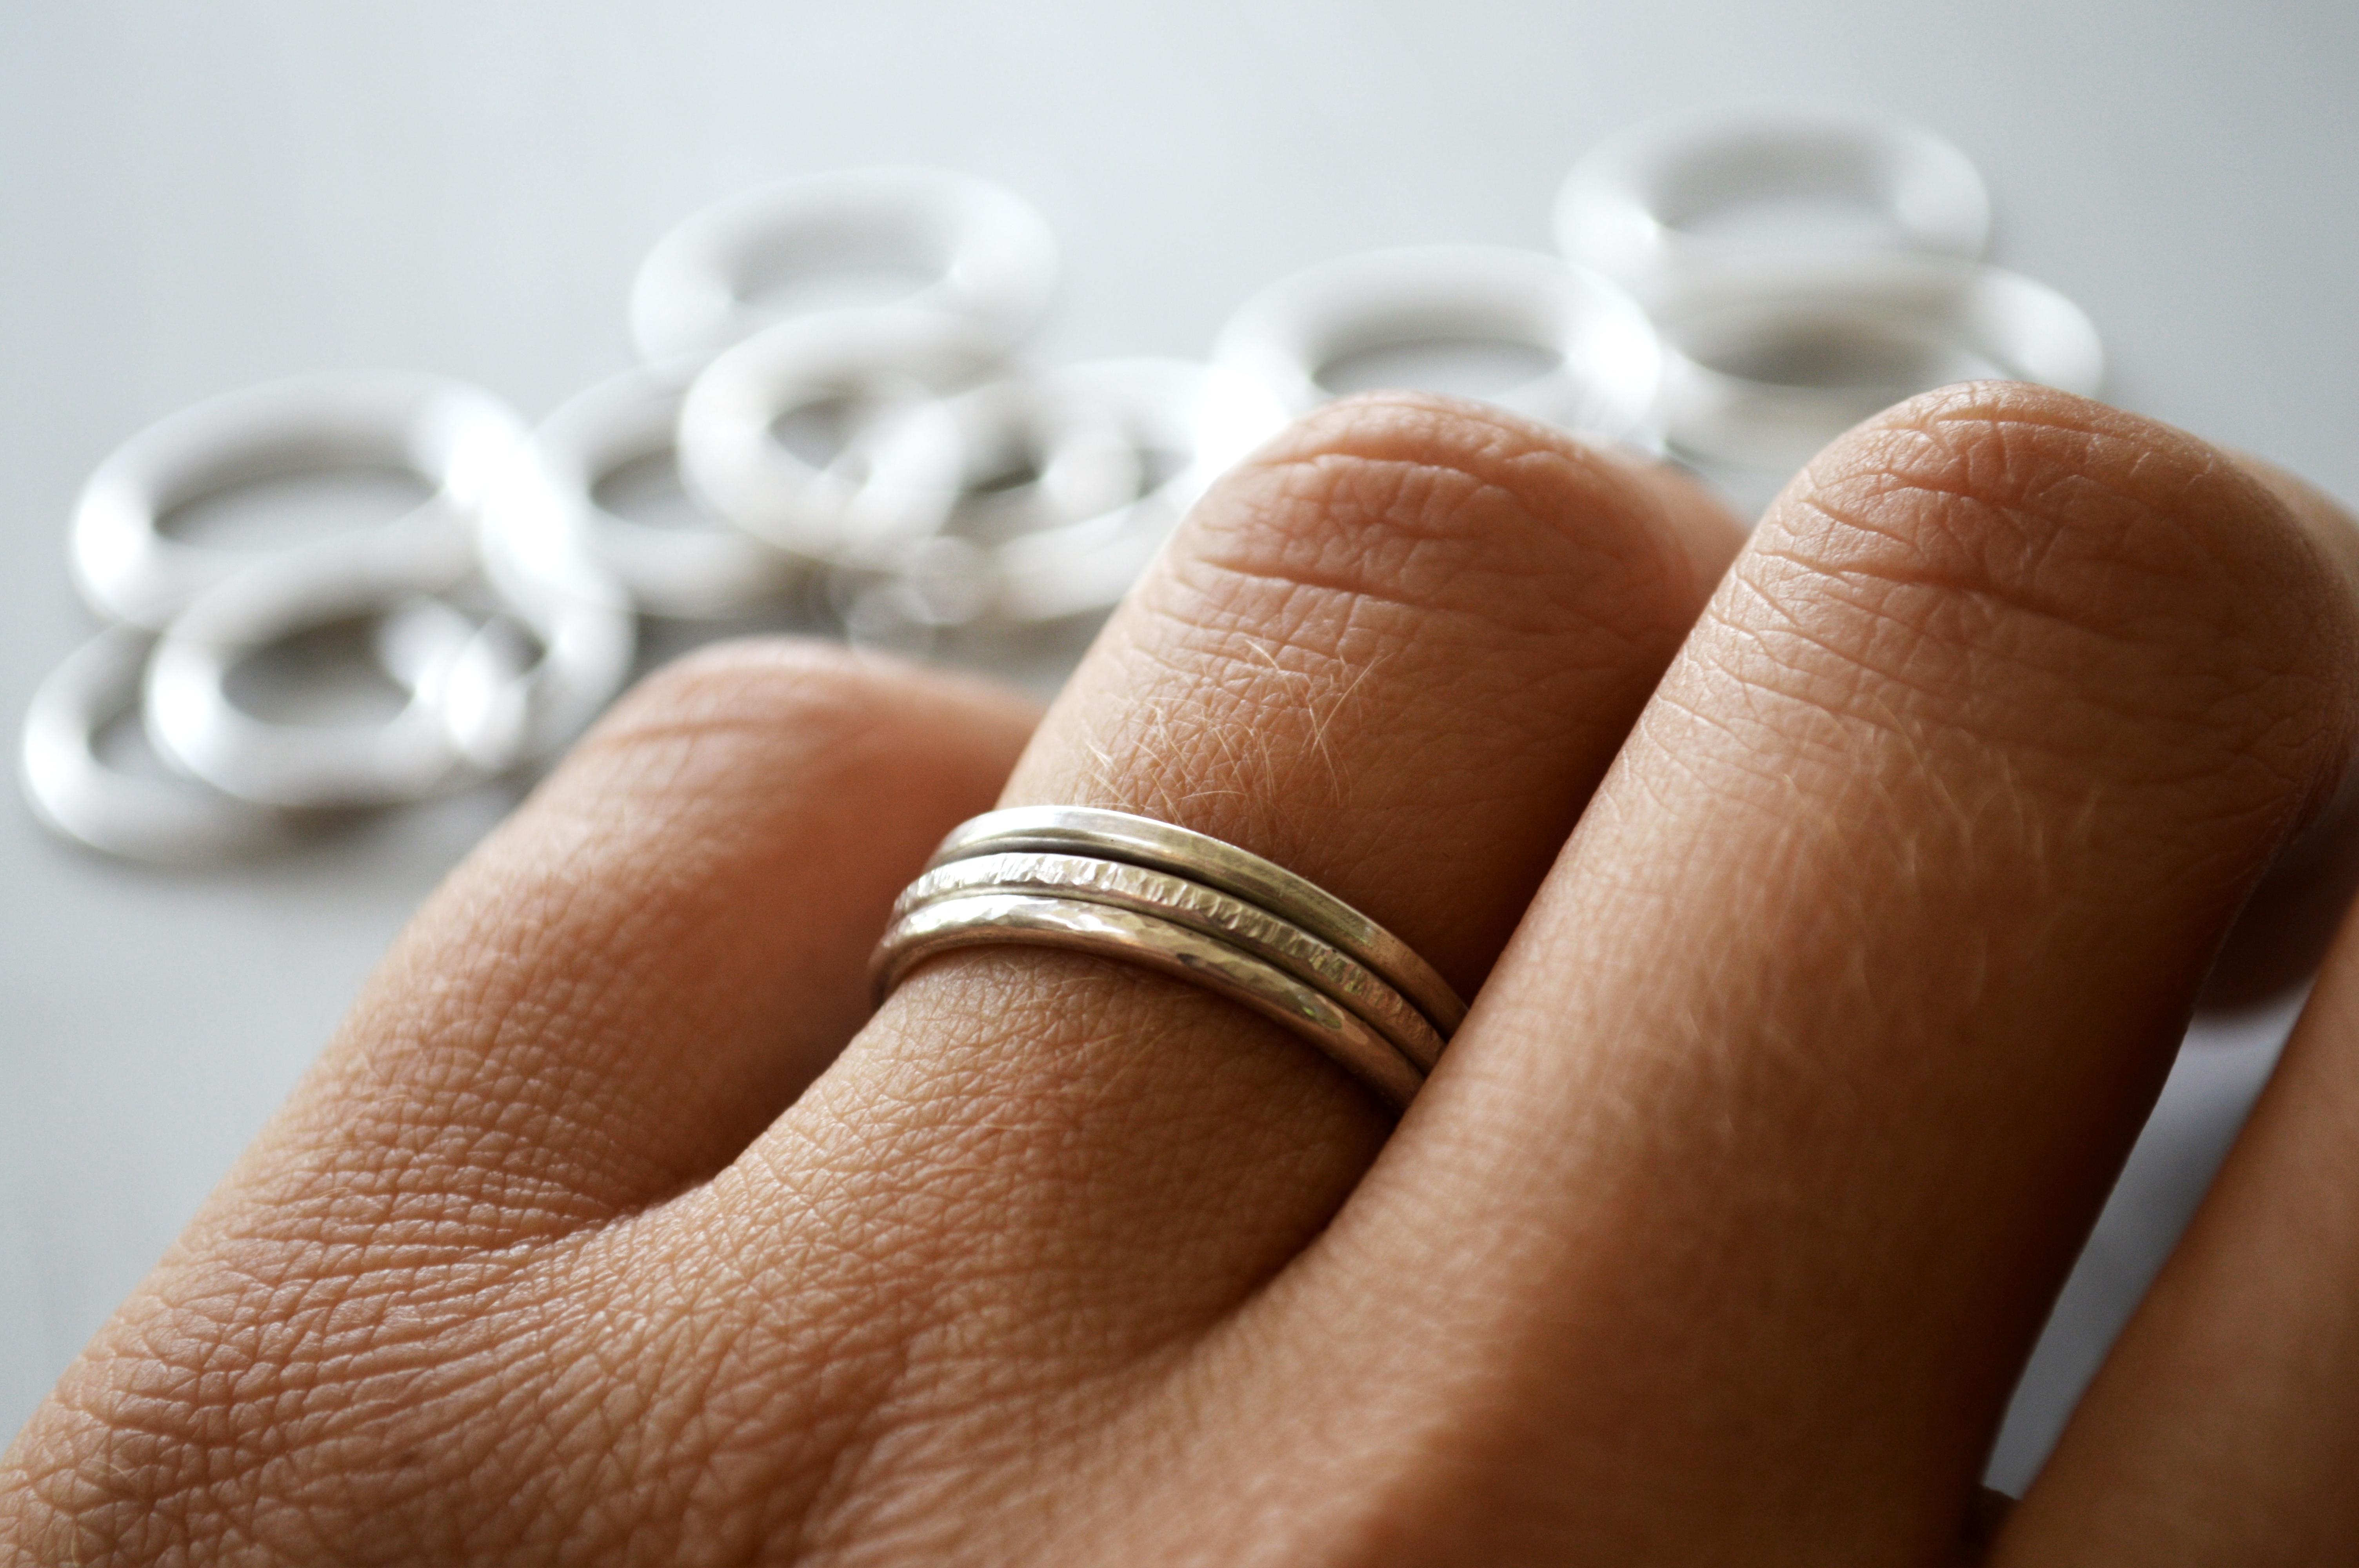 rings worn.jpg